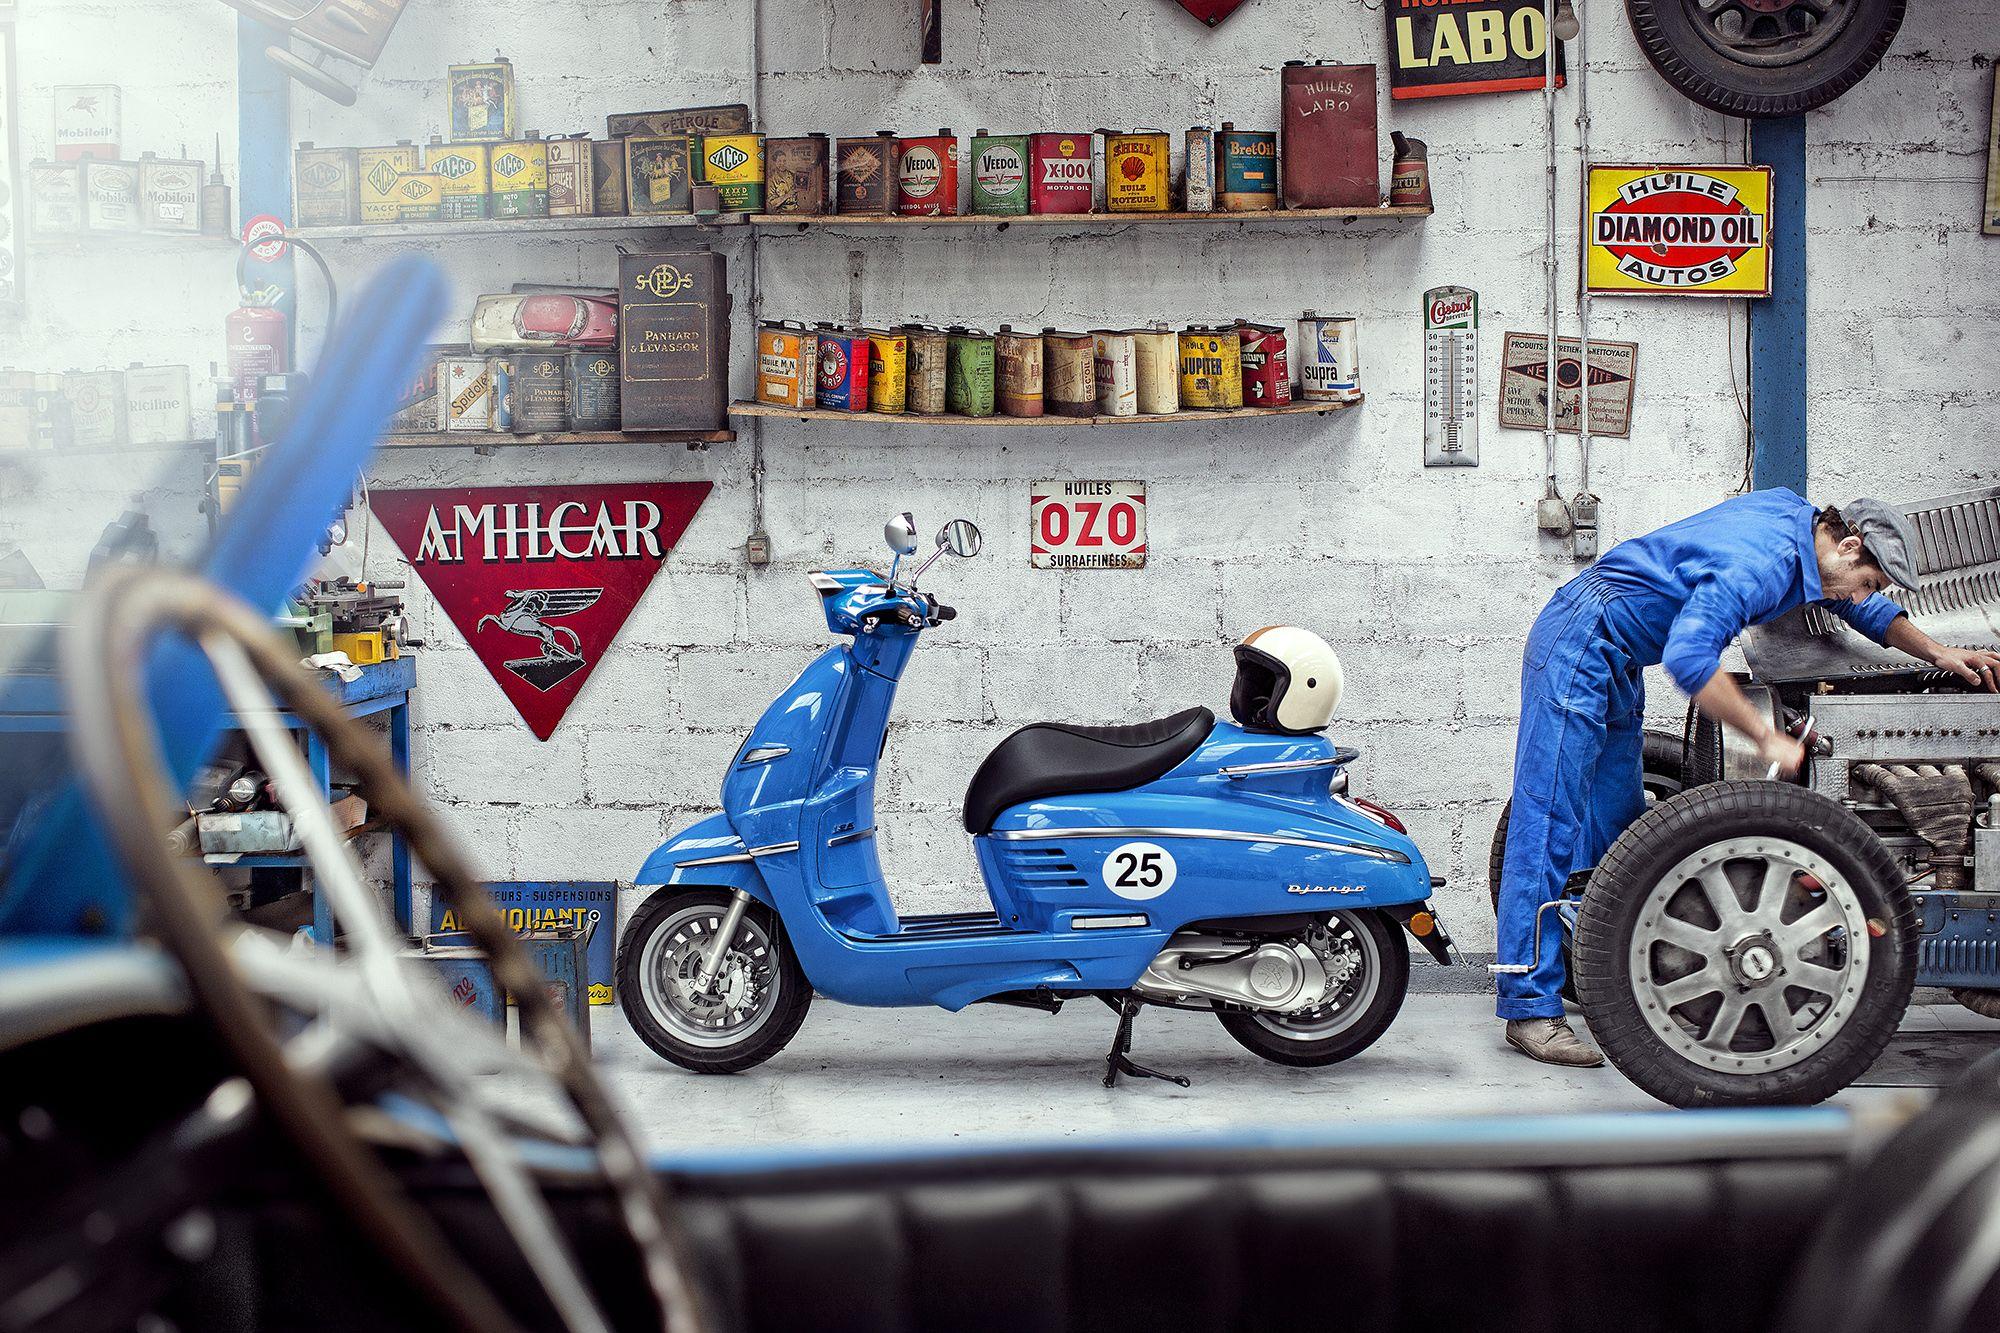 peugeot scooters peugeot django django scooter vintage scooter retro scooter old time. Black Bedroom Furniture Sets. Home Design Ideas